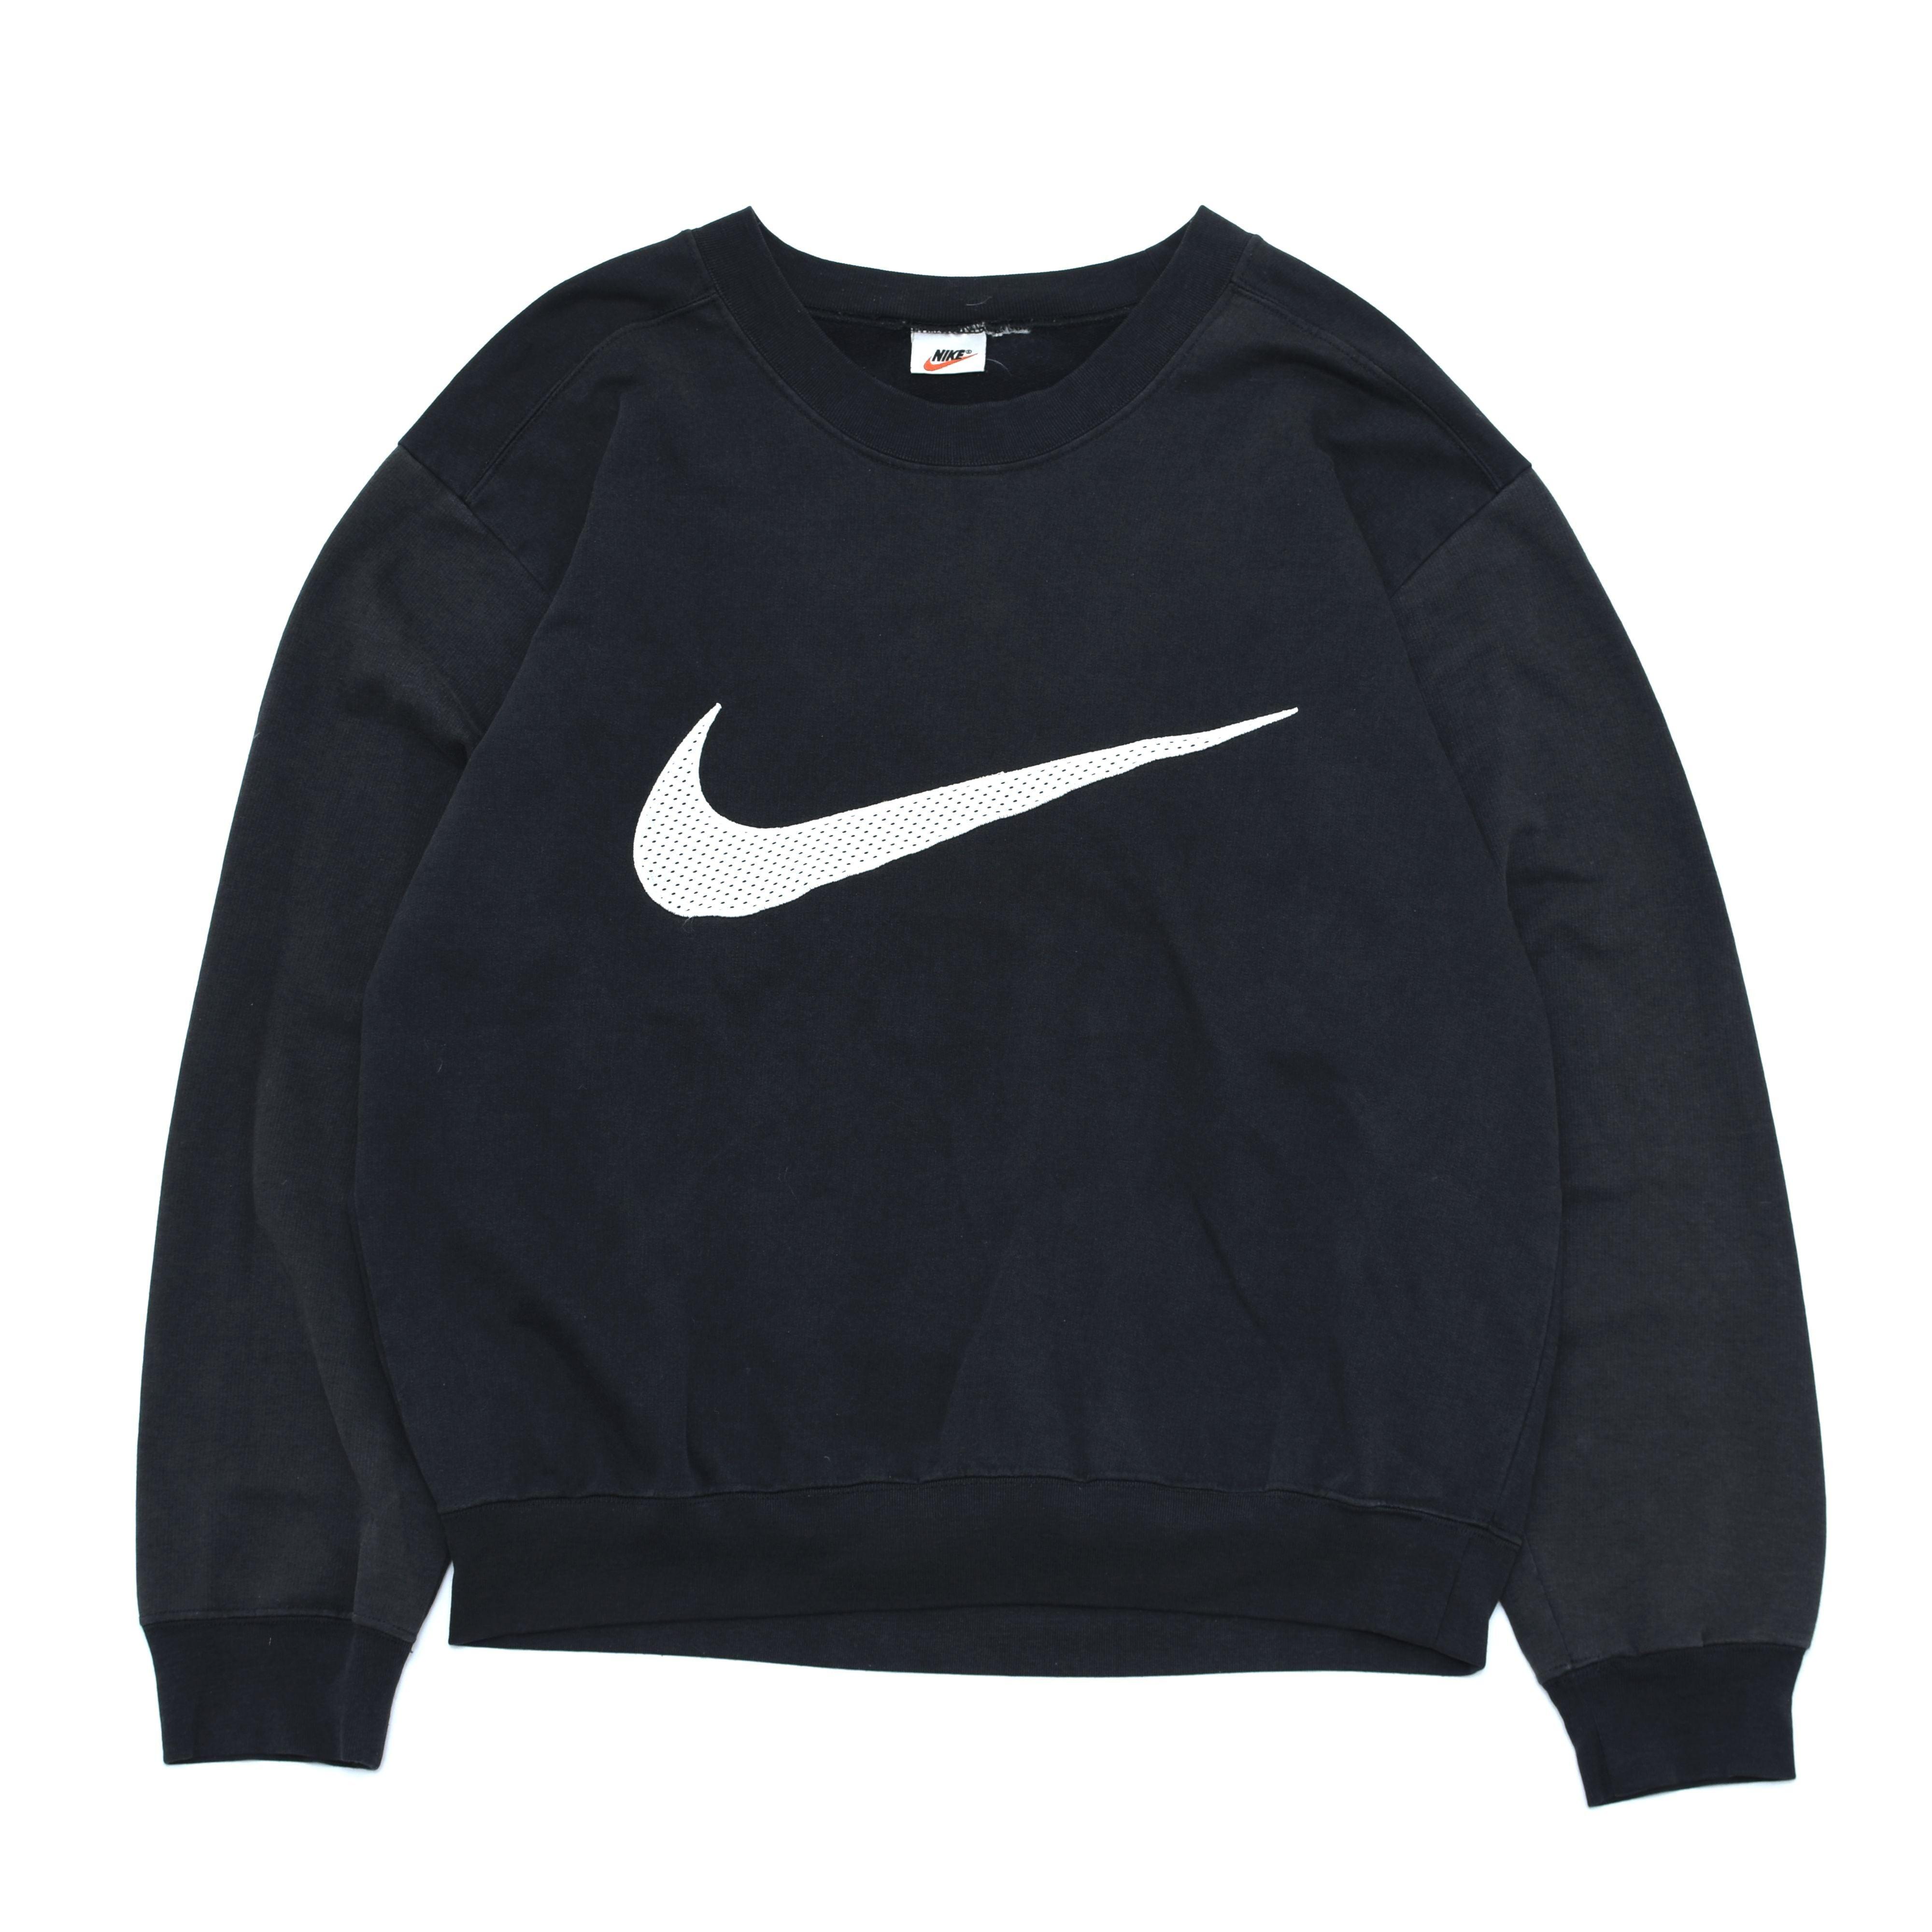 90's OLD NIKE big logo sweatshirt